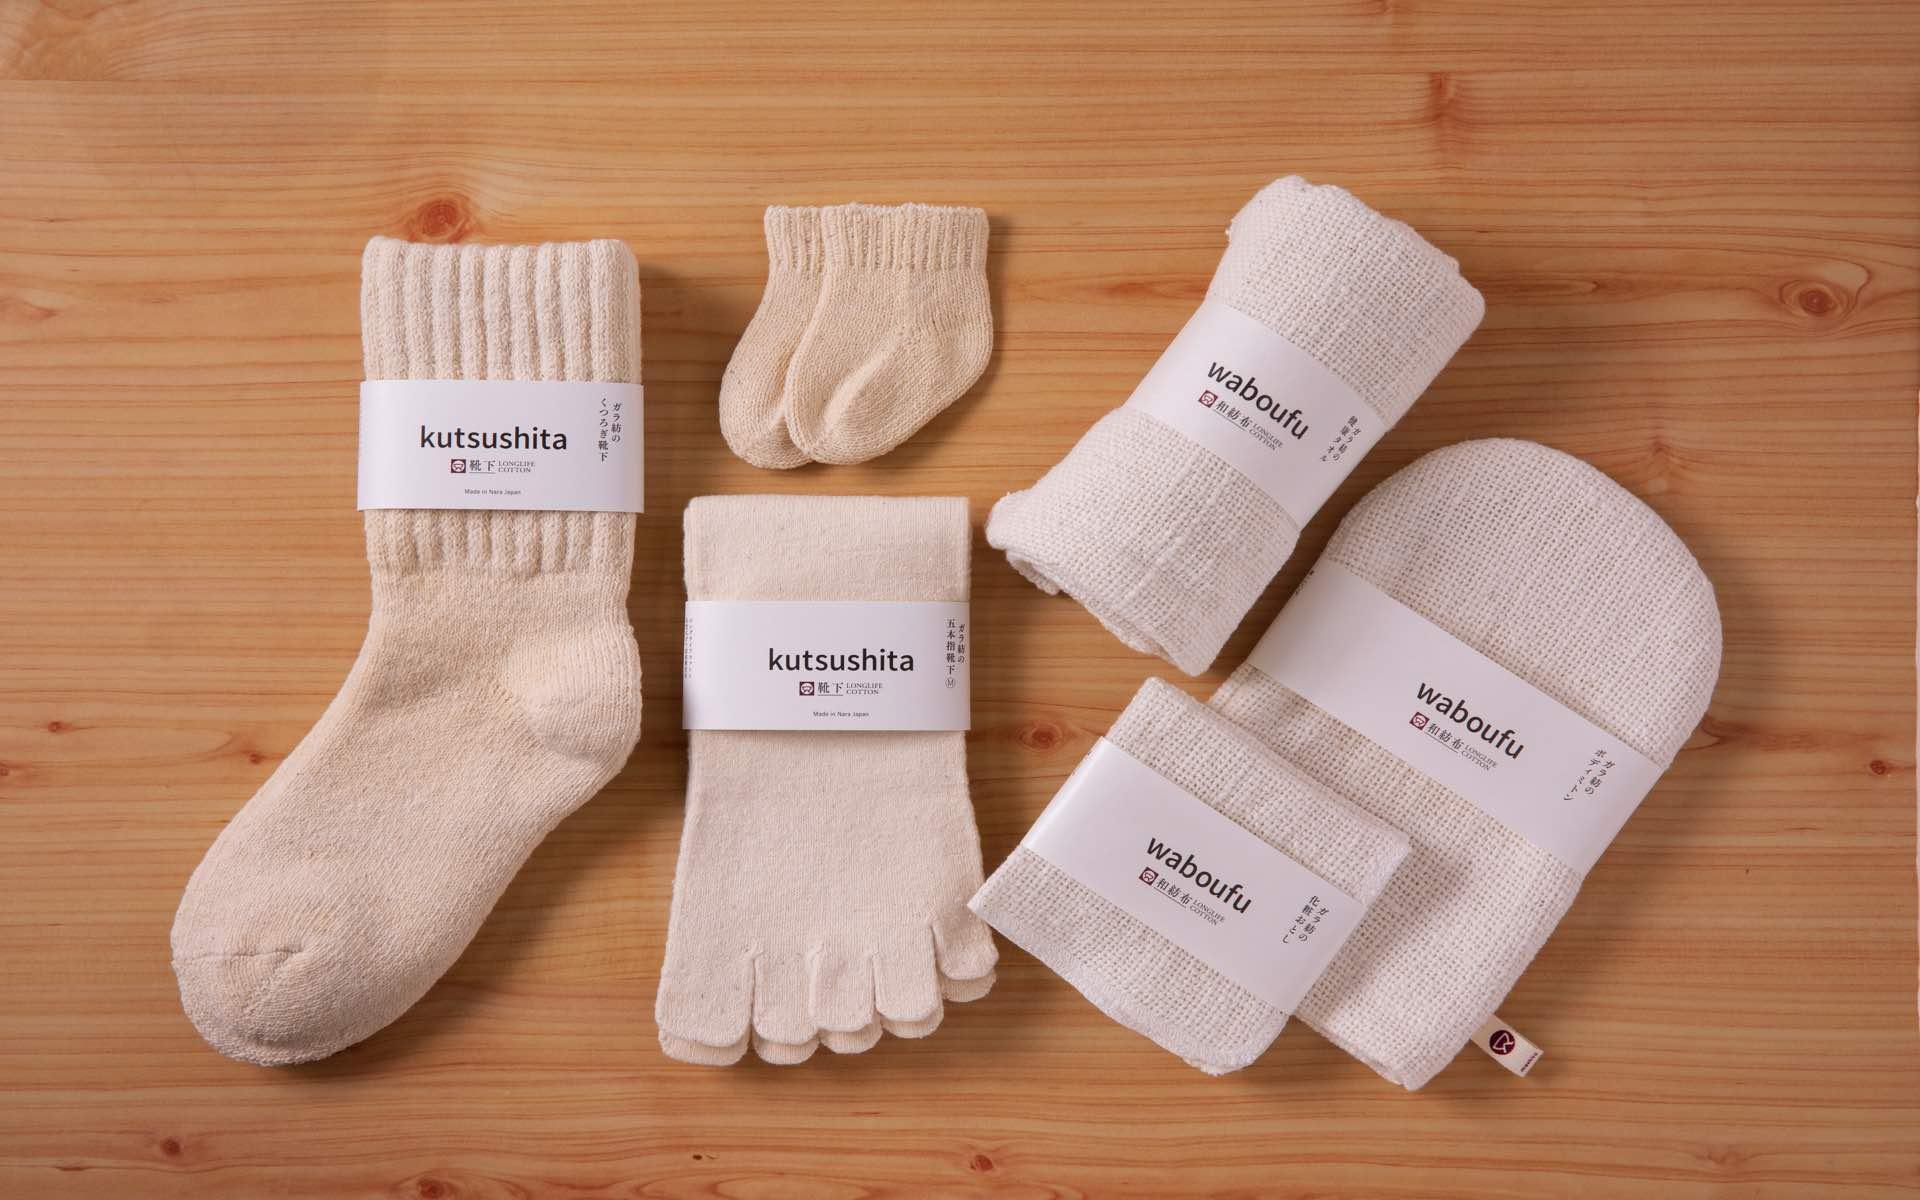 乾燥肌や敏感肌にもやさしい、益久染織研究所のタオルや靴下。秘密は「和紡布」の糸にありました